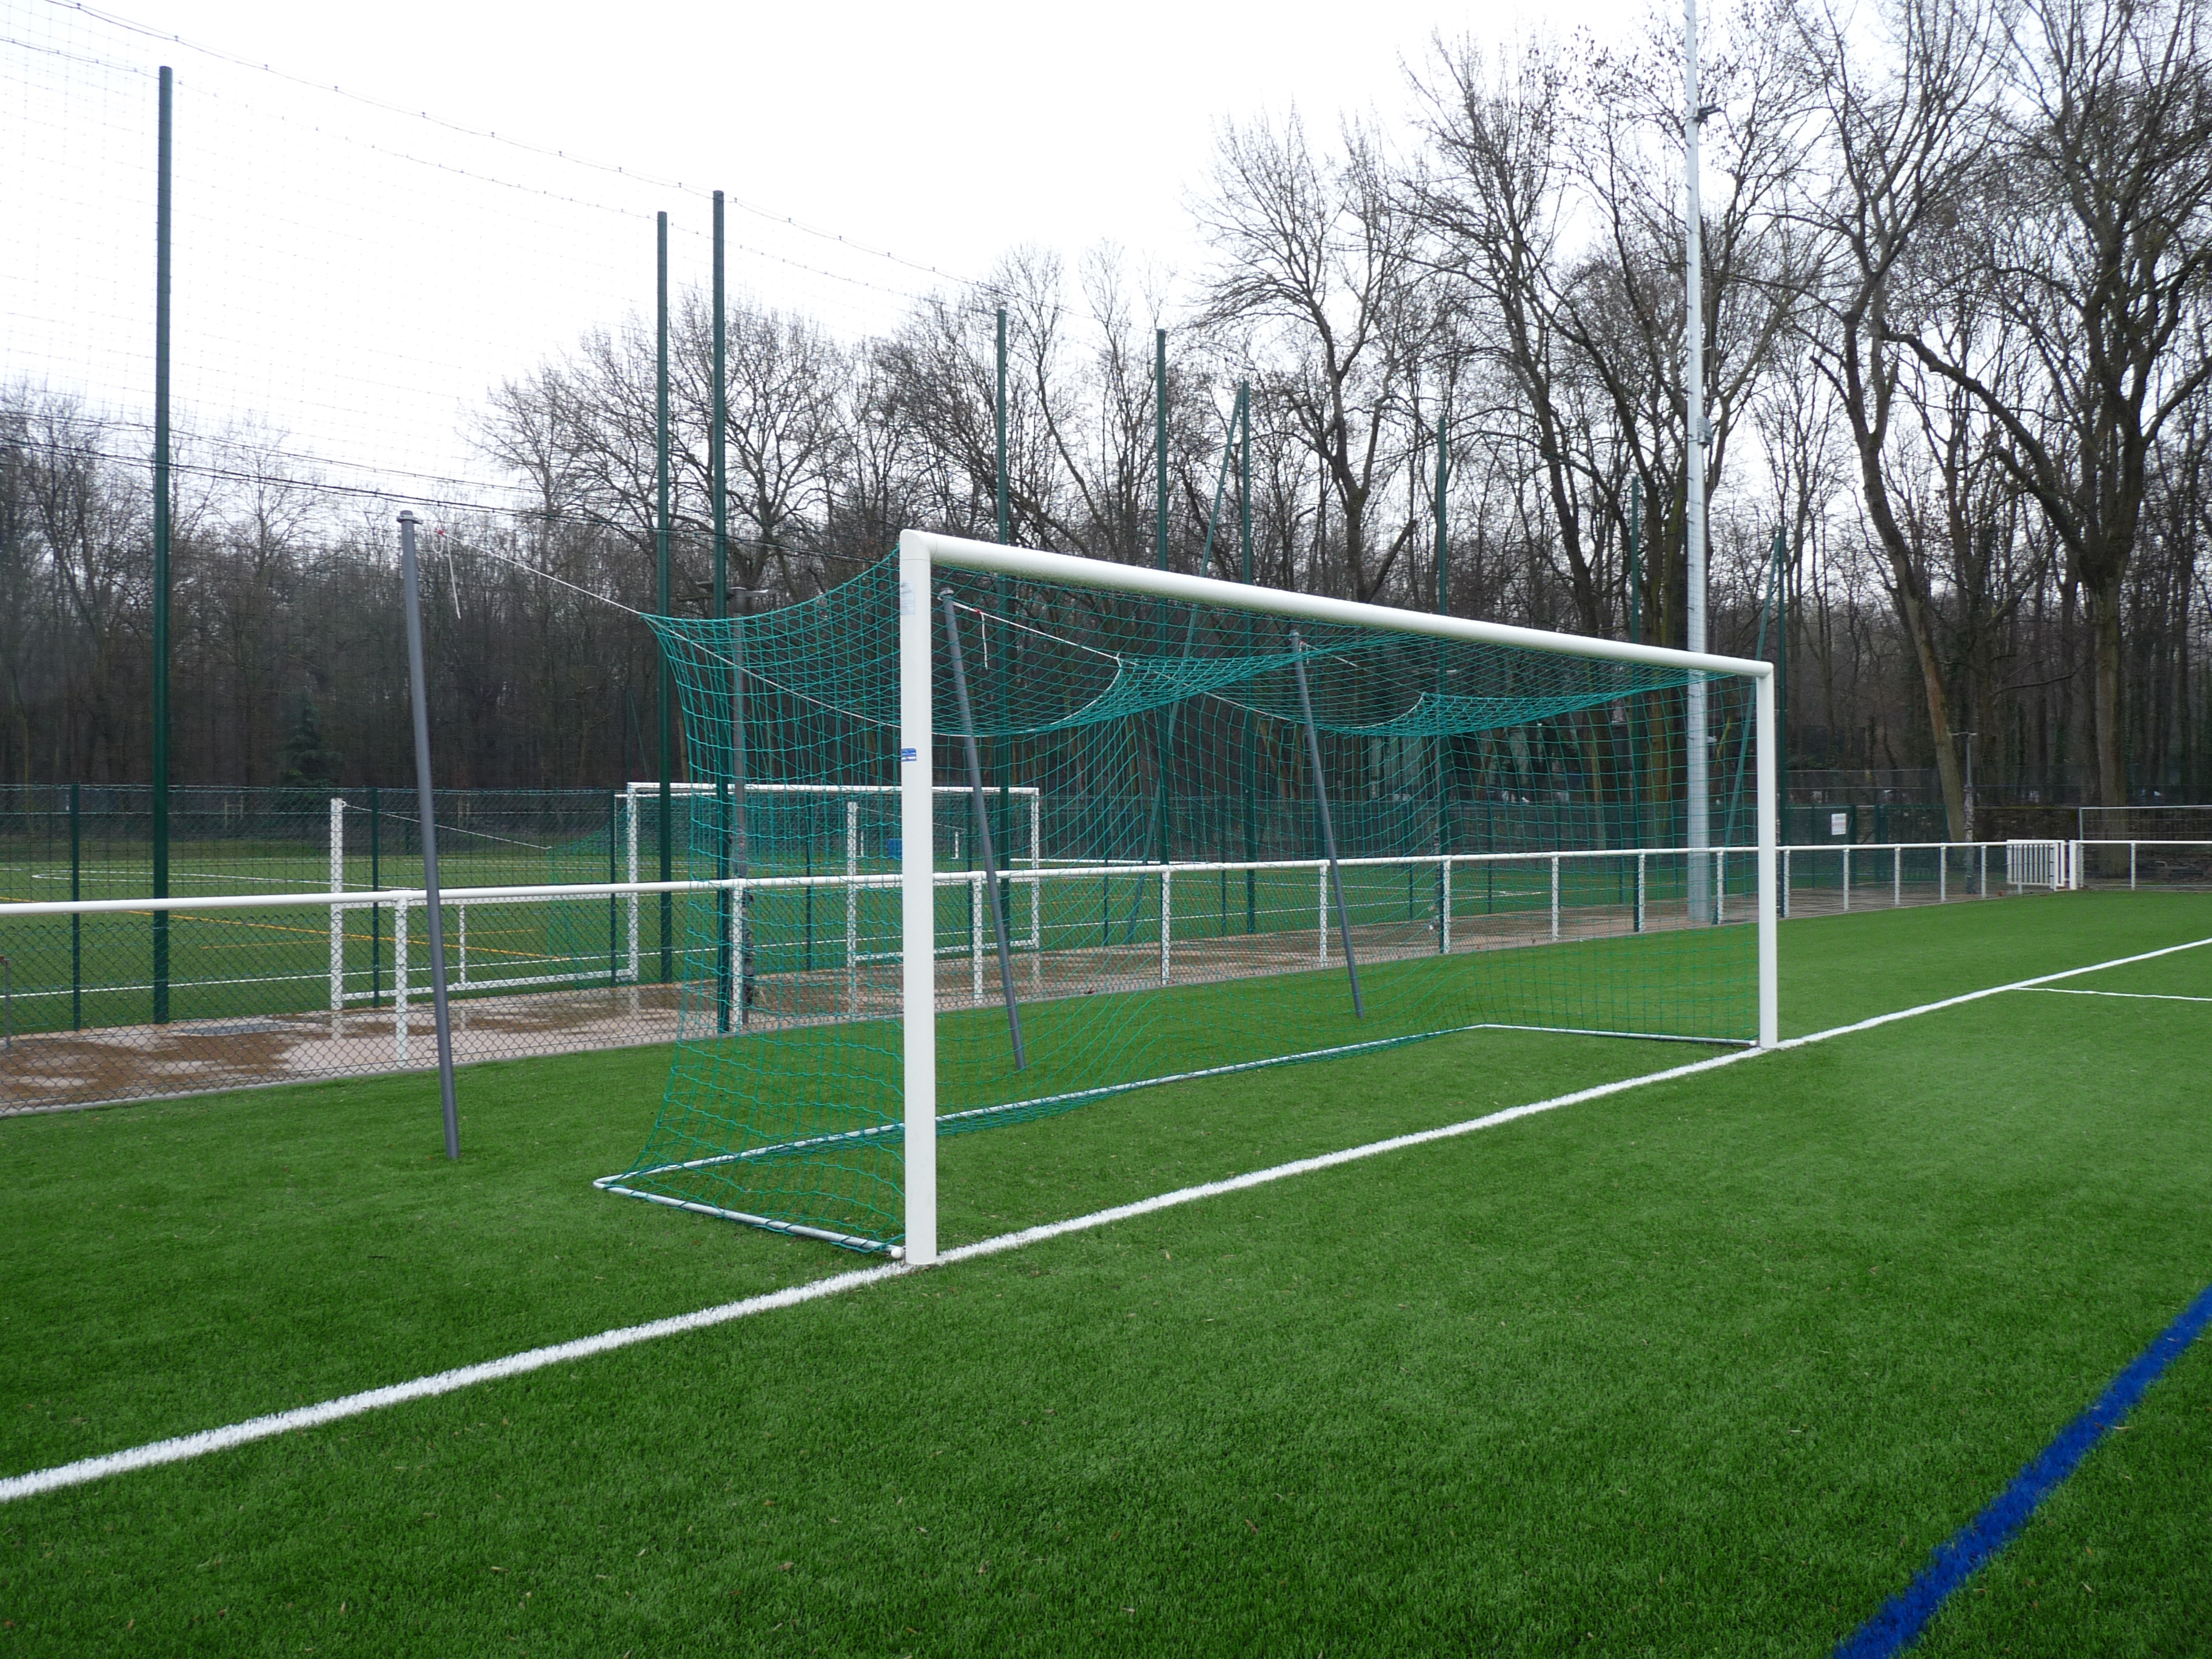 fabricant de buts de foot alu a11 prestigoal sport nature. Black Bedroom Furniture Sets. Home Design Ideas